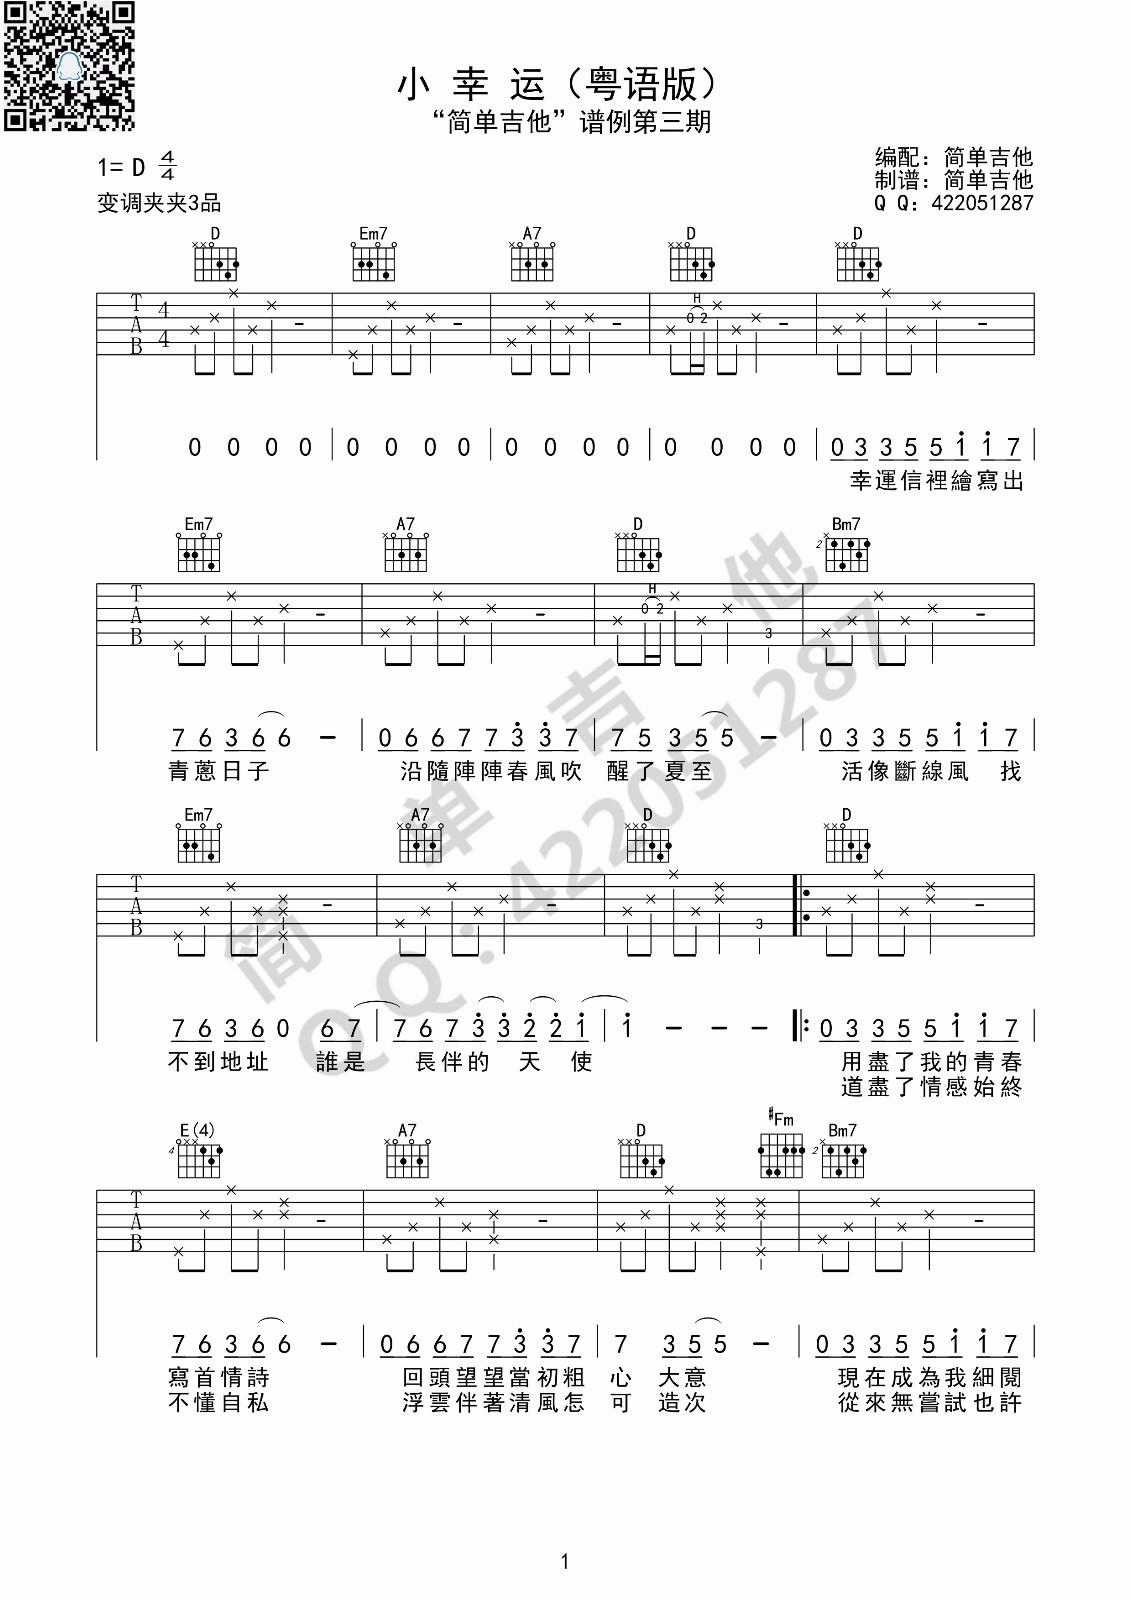 歌儿献给解放军笛子独奏俞逊发笛子谱简谱